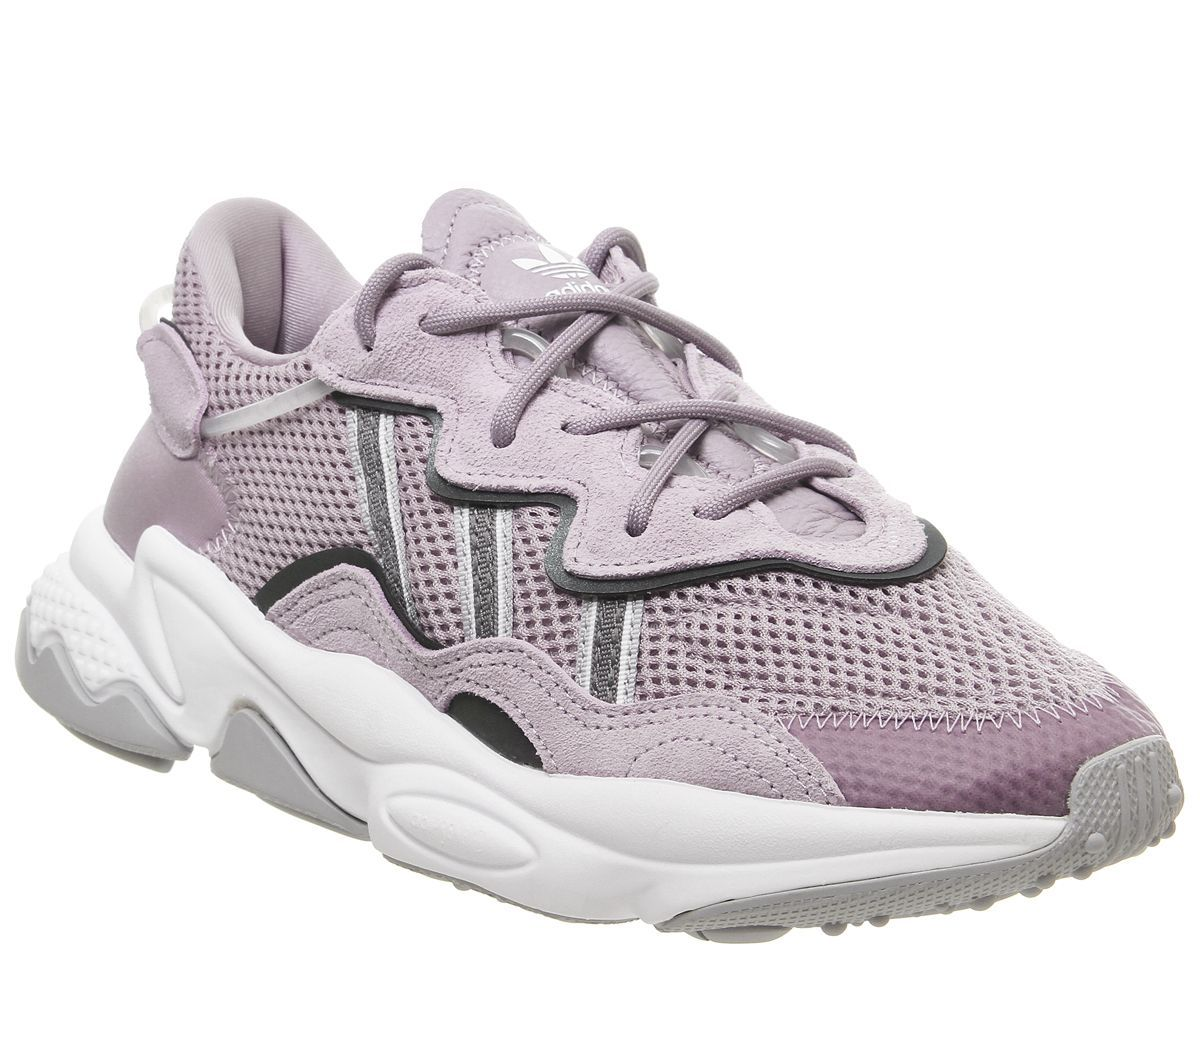 折合585元 Adidas 三叶草 Ozweego 紫灰色运动女鞋